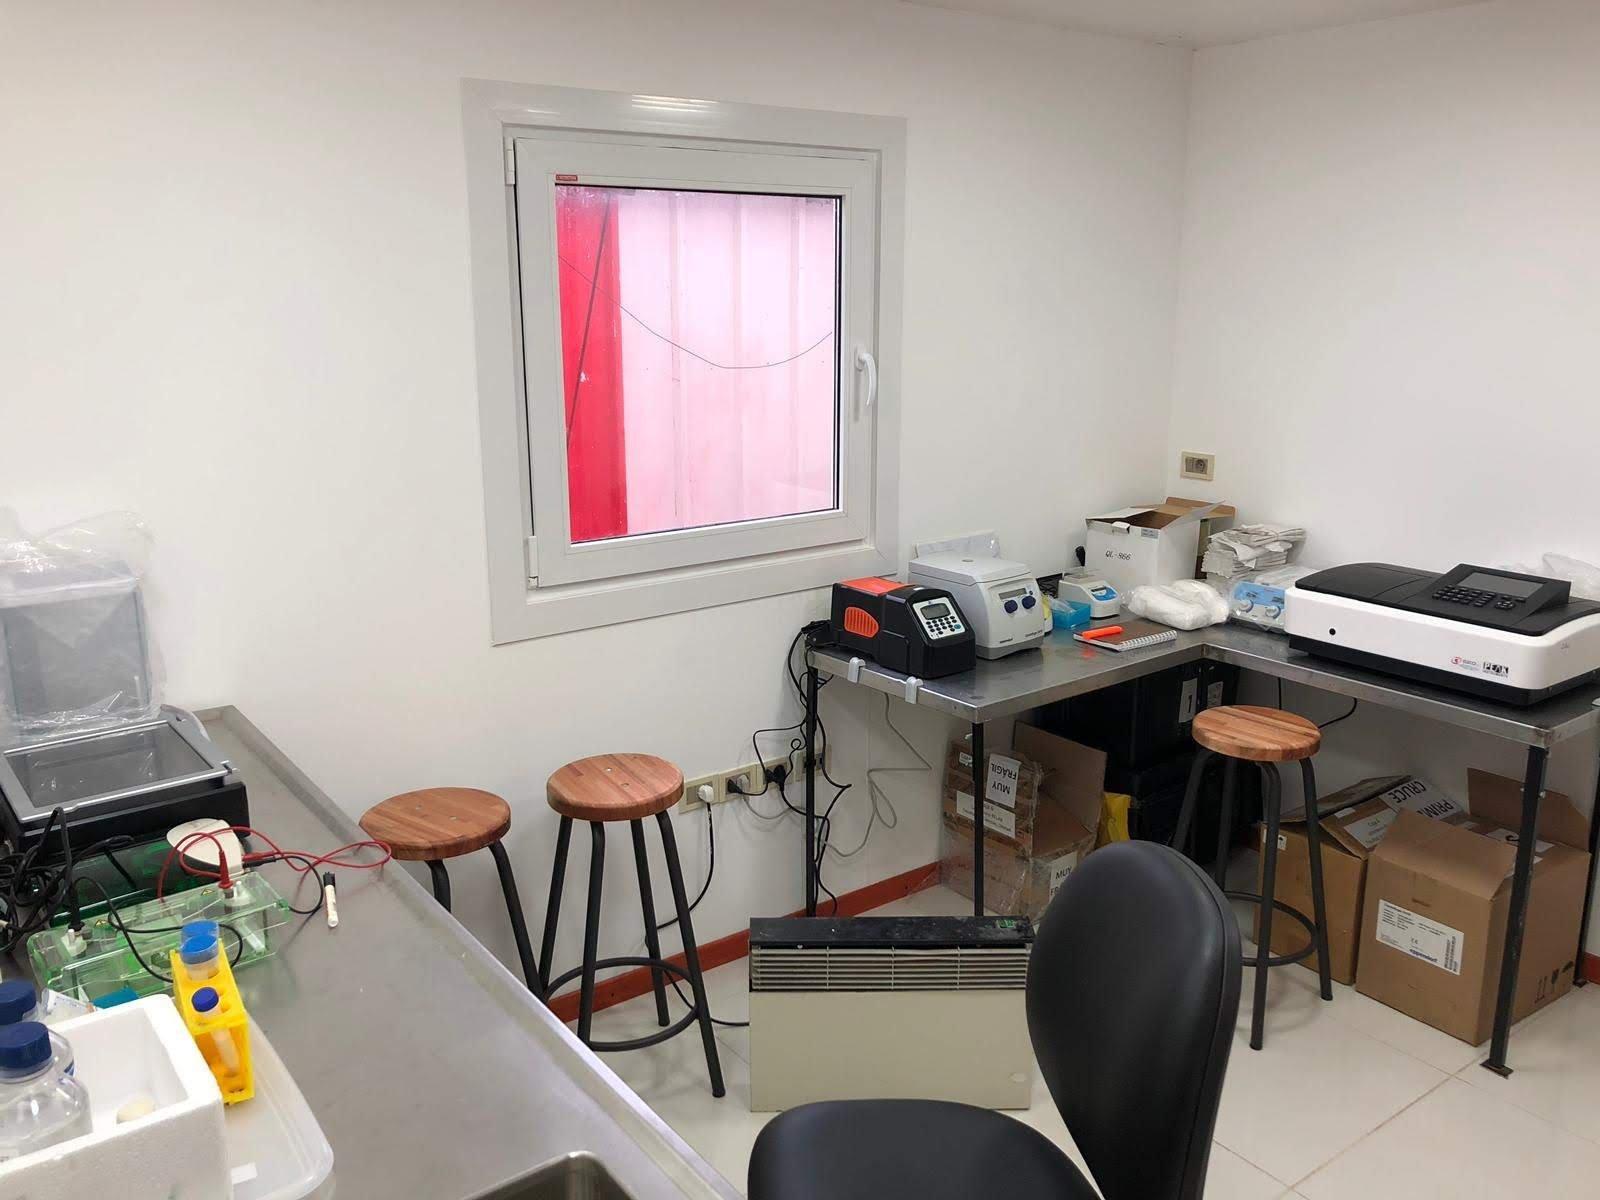 Laboratorio de la Escuela de Iniciación a la Investigación Antártica en la base científica uruguaya Artigas, en la Antártida